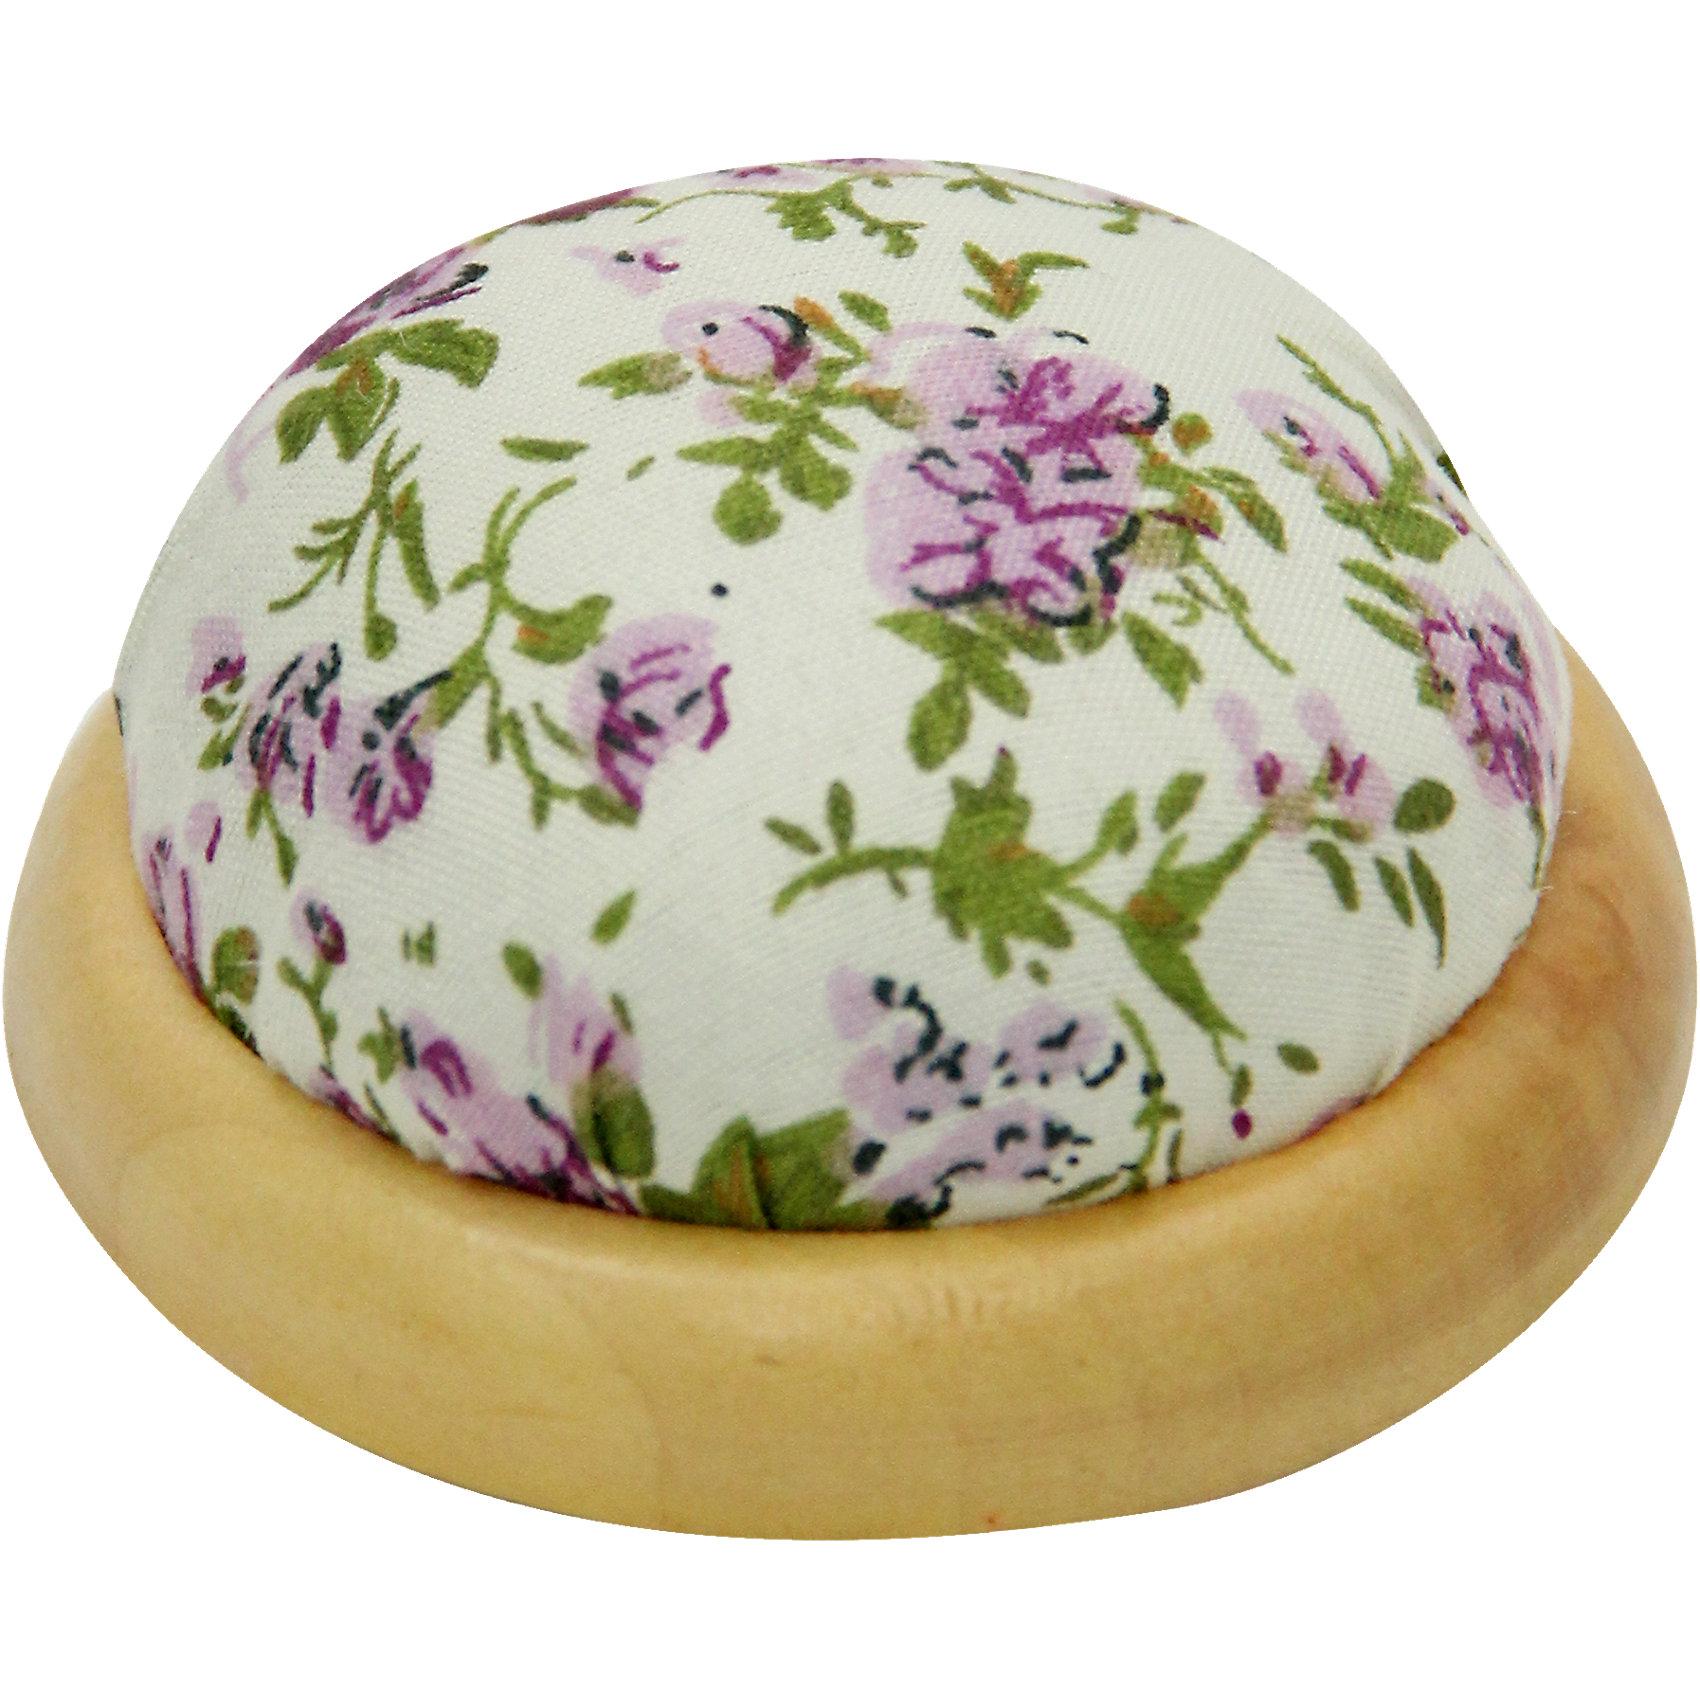 Игольница-подушечка Фиолетовые цветы 7,3*4,5 смРукоделие<br>Игольница-подушечка - прекрасный подарок, который понравится любой рукодельнице! Игольница выполнена из прочного текстильного материала, украшенного нежным цветочным принтом. Подставка из дерева удобная и устойчивая. Прекрасный вариант для памятного сувенира!<br><br>Дополнительная информация:<br><br>- Материал: синтетический хлопок, полиэстер, древесина вишни.<br>- Размер: 7,3х4,5 см.<br><br>Игольницу-подушечку Фиолетовые цветы, 7,3х4,5 см, можно купить в нашем магазине.<br><br>Ширина мм: 73<br>Глубина мм: 45<br>Высота мм: 45<br>Вес г: 50<br>Возраст от месяцев: 108<br>Возраст до месяцев: 2147483647<br>Пол: Женский<br>Возраст: Детский<br>SKU: 4548394